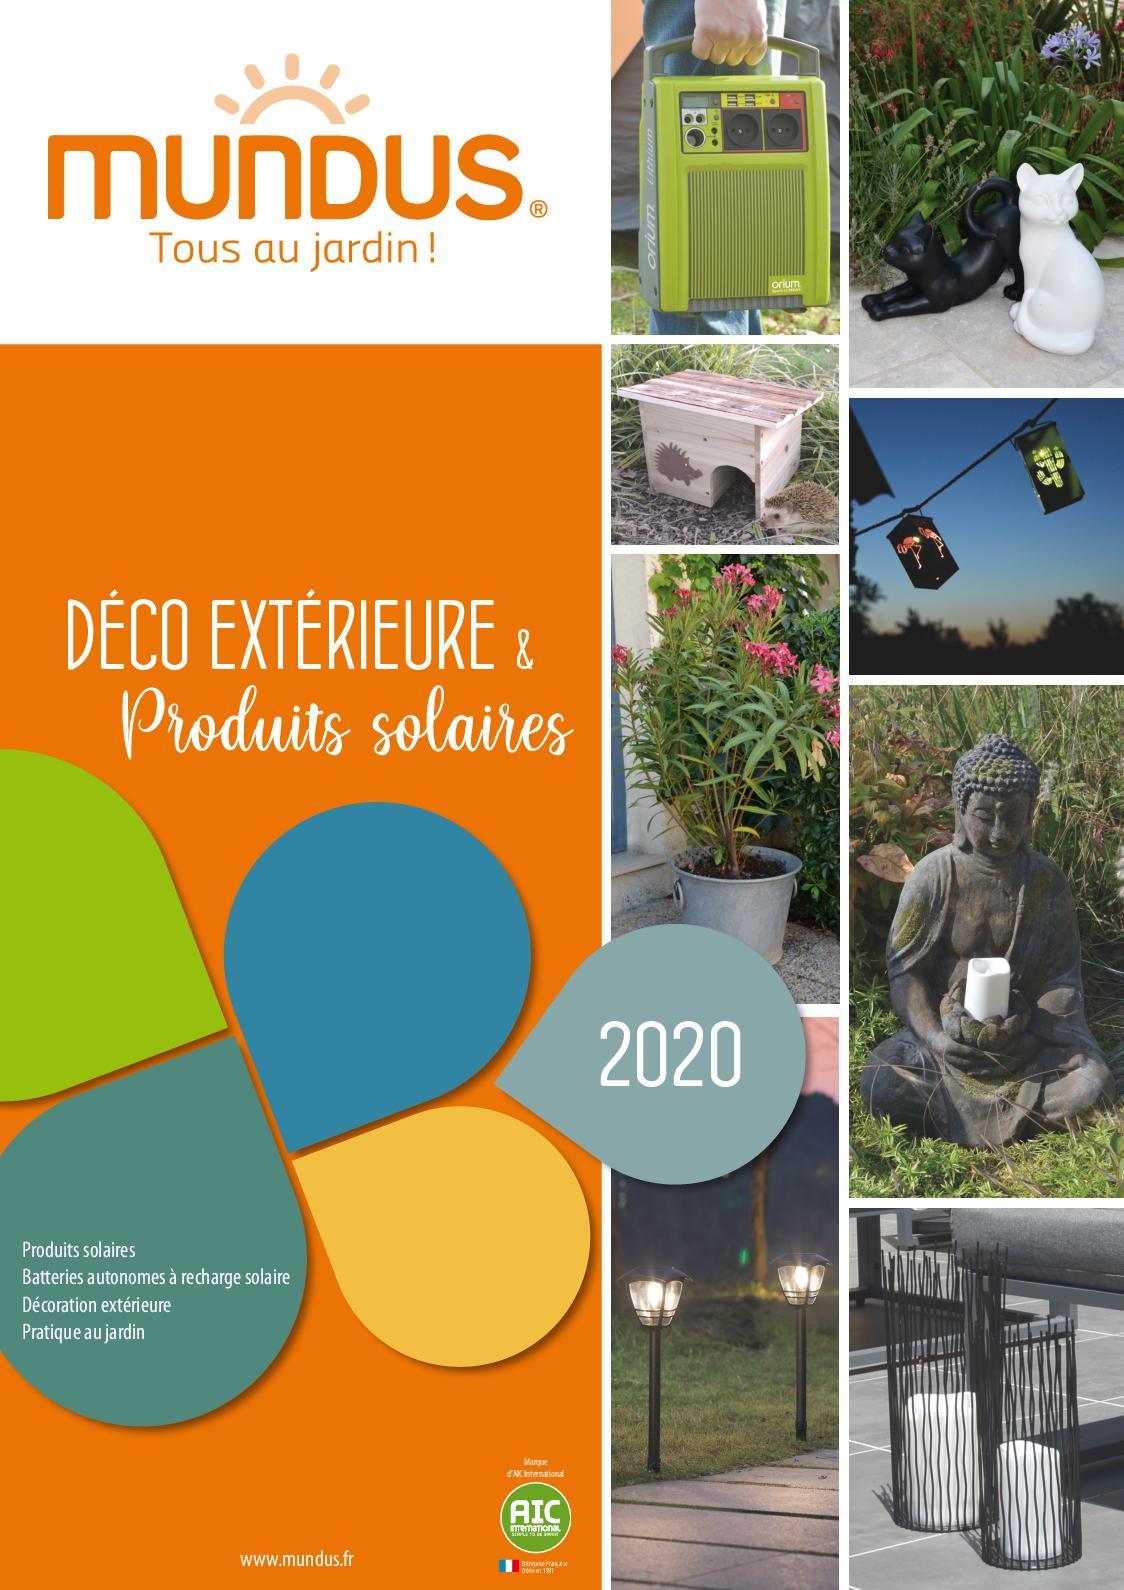 Mouvement Citoyen Alexandre Jardin Charmant Calaméo Catalogue Jardin 2020 Of 33 Unique Mouvement Citoyen Alexandre Jardin